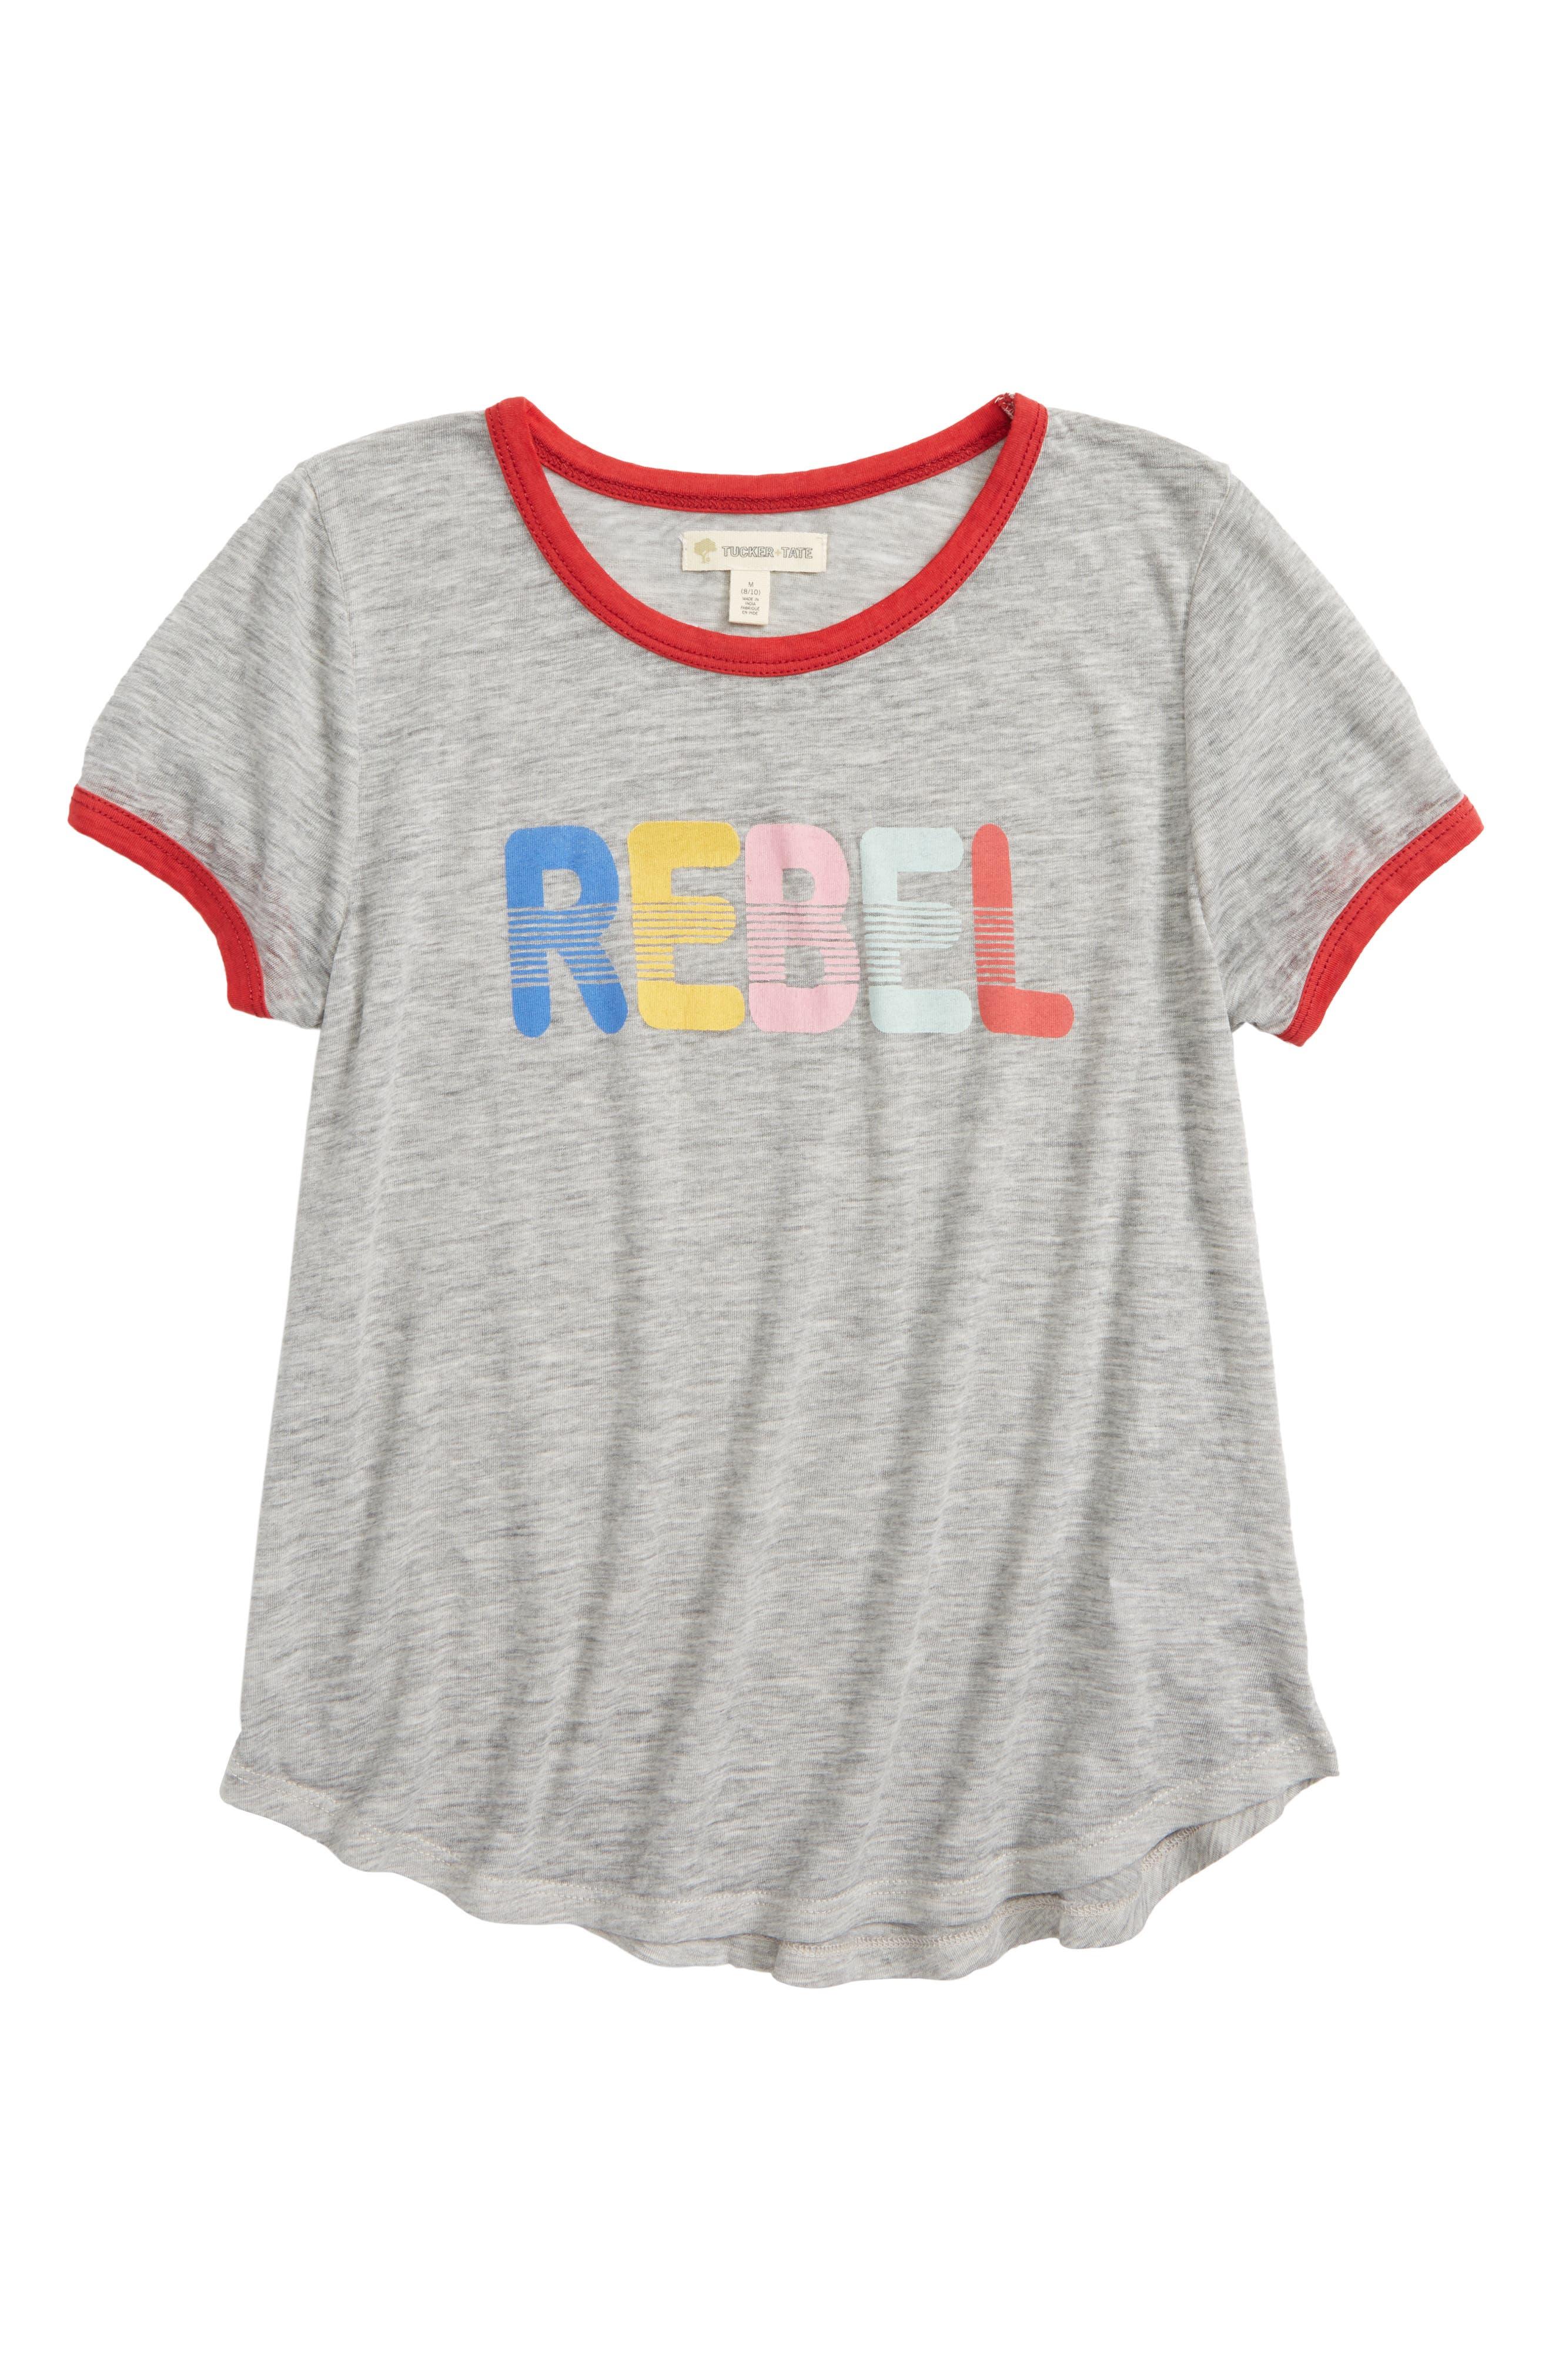 Rebel Ringer Tee,                             Main thumbnail 1, color,                             Grey Ash Heather Rebel